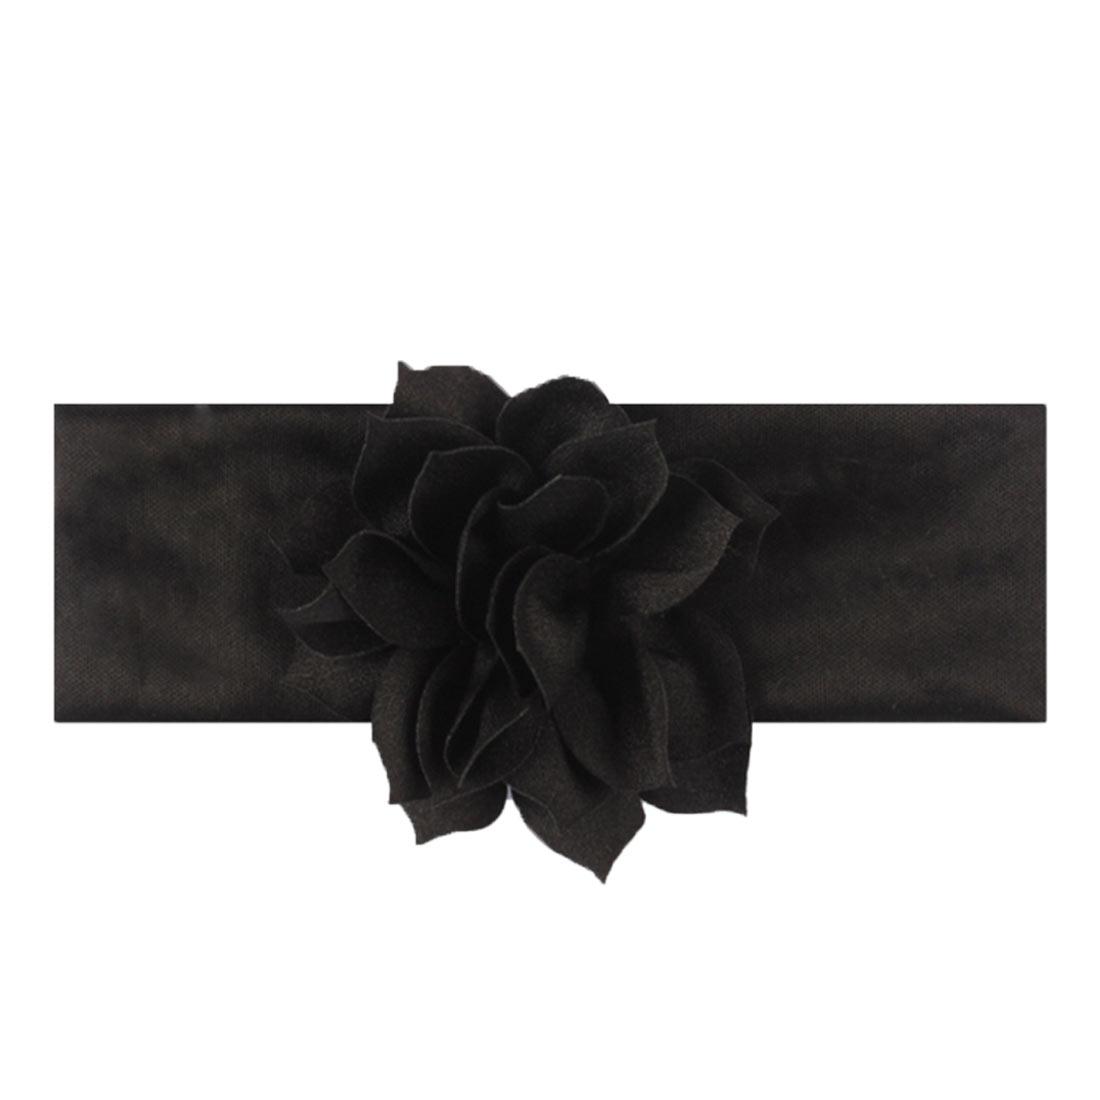 Baby-Bow-Nylon-Headband-Soft-Stretch-Flower-Nylon-Headband-Children-039-s-Headband thumbnail 9